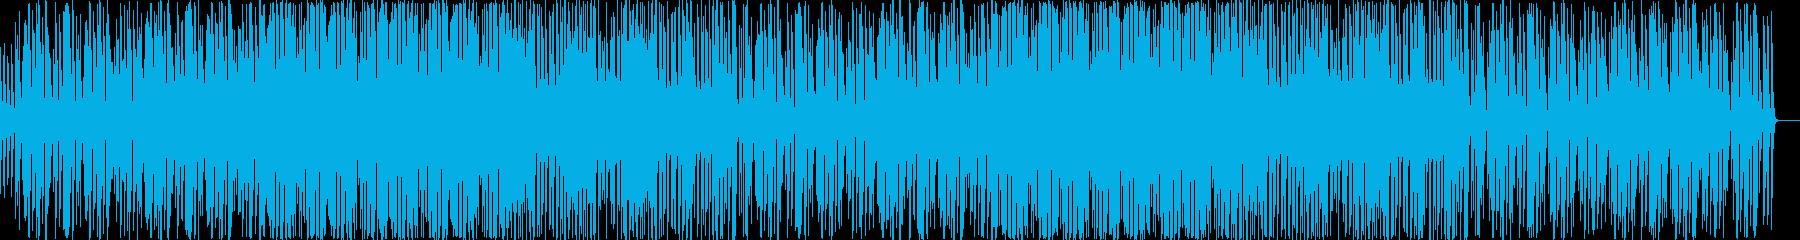 【切ない系】蒼白のコートの再生済みの波形